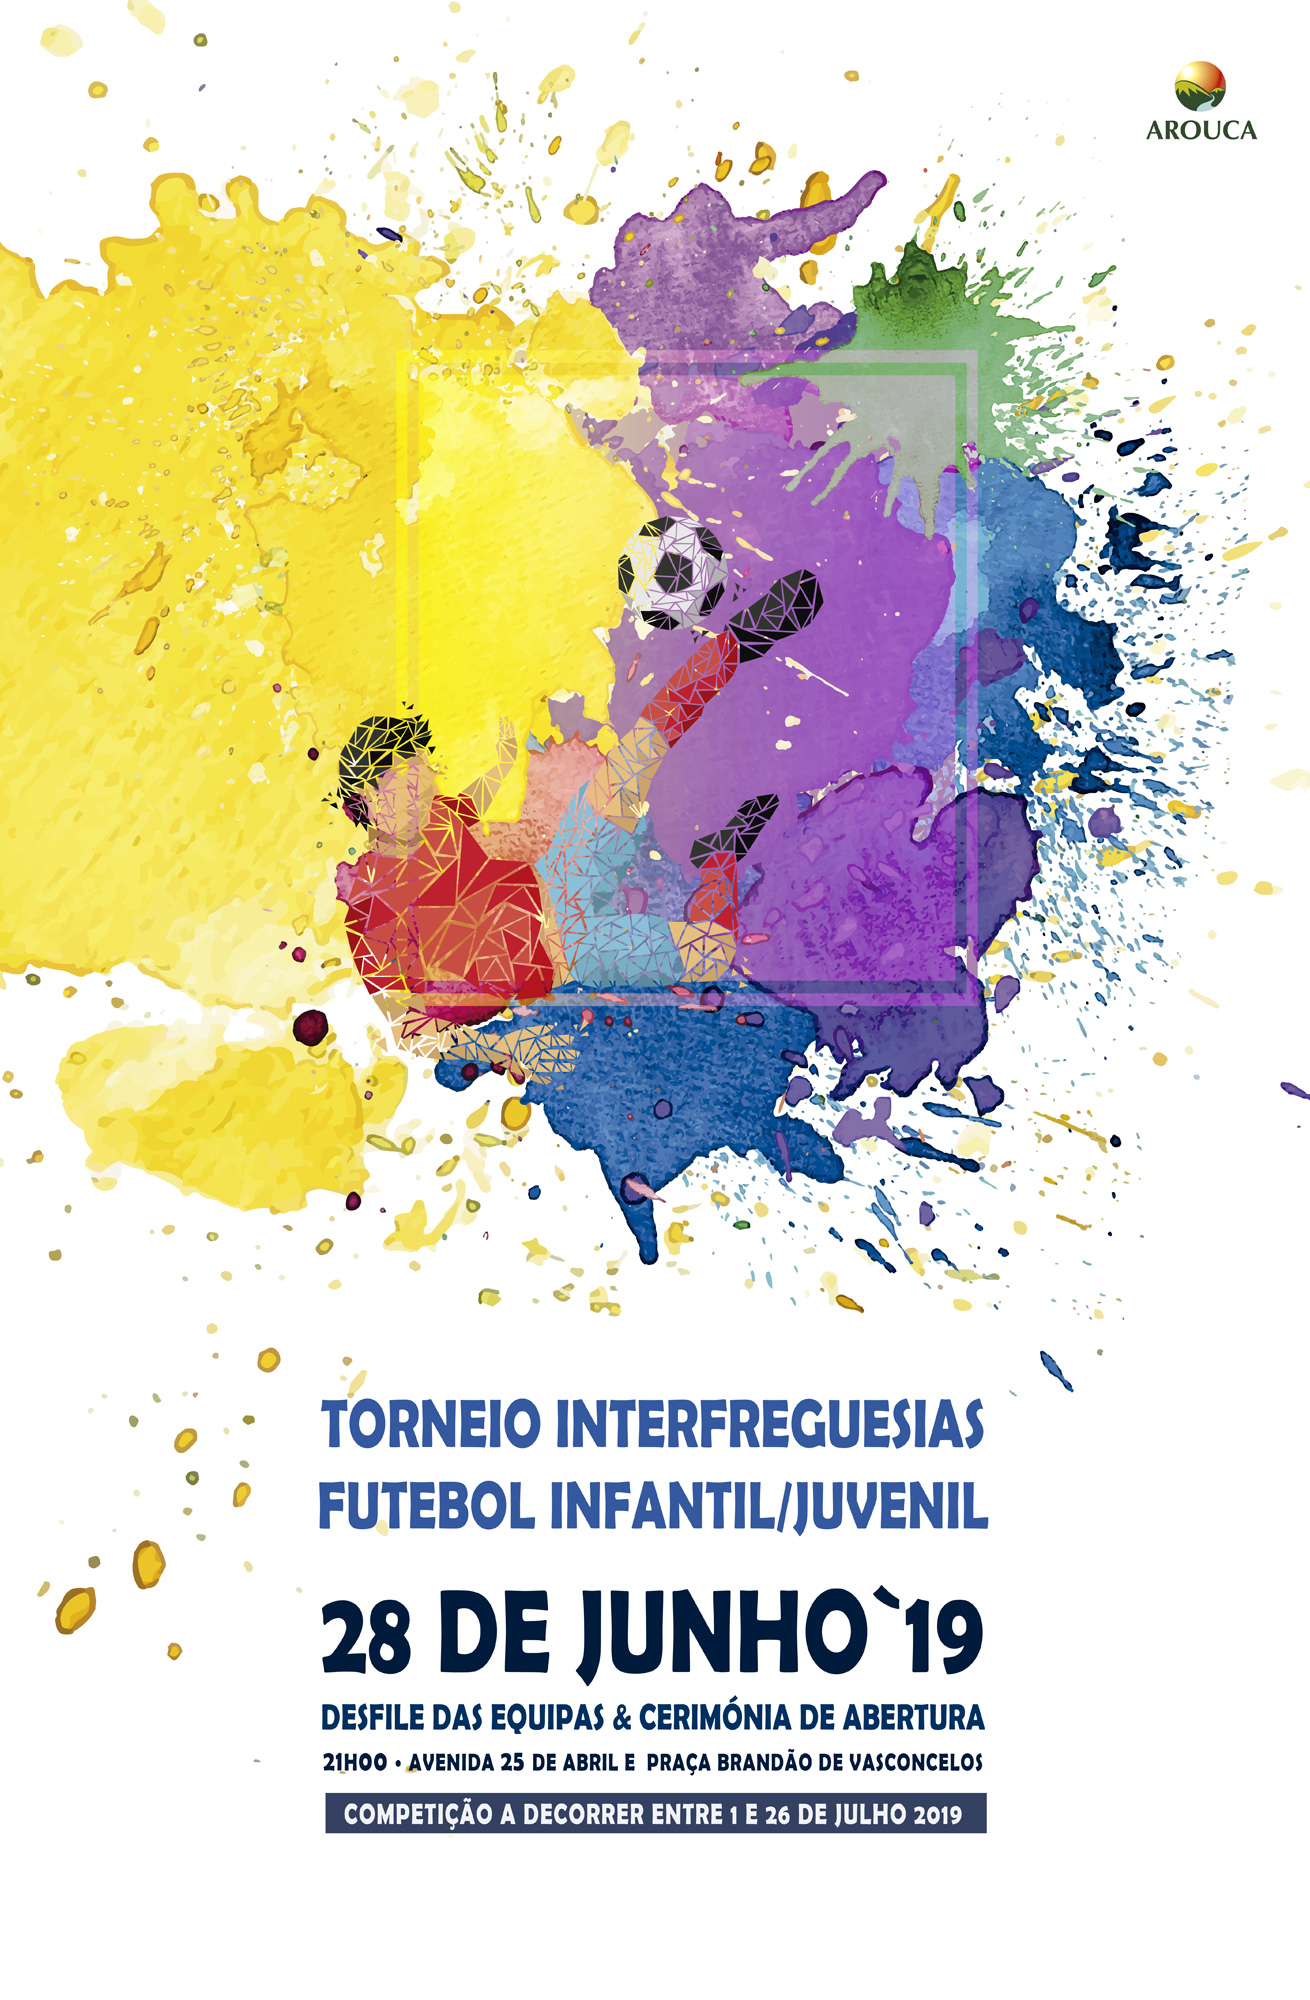 Cartaz  Torneio de Futebol Infanto / Juvenil Interfreguesias